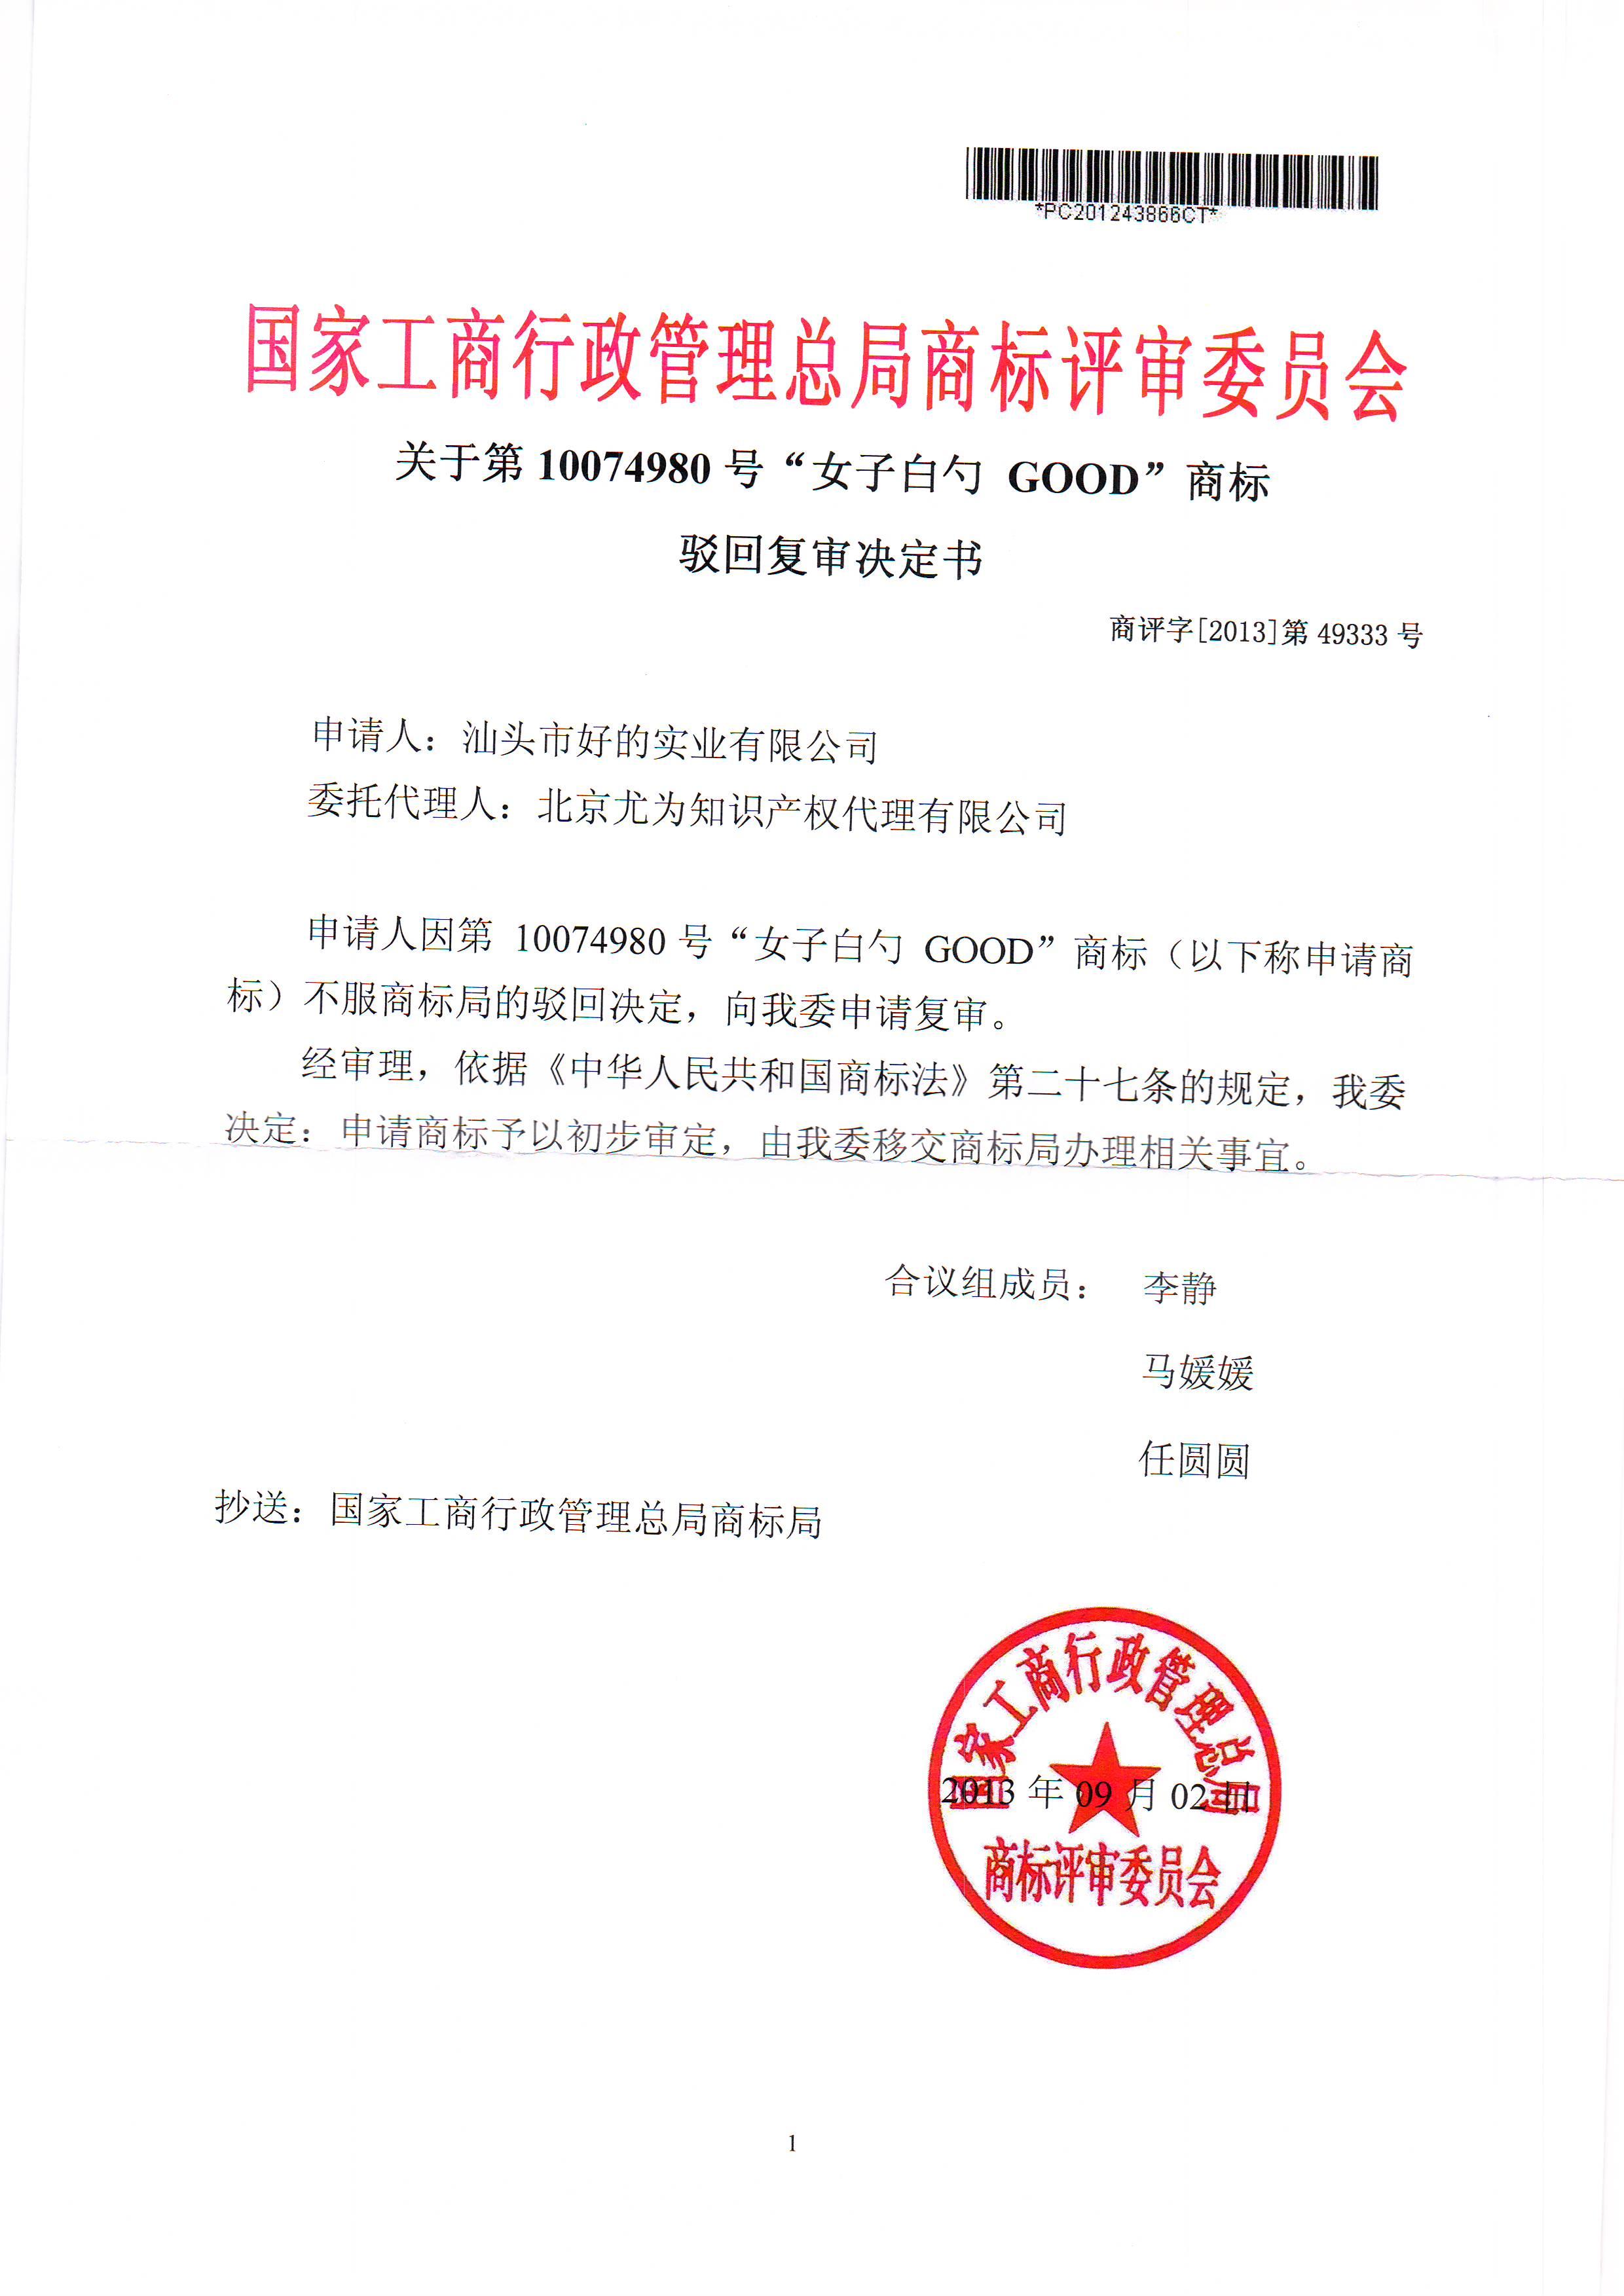 """汕头市好的实业有限公司对第10074980号""""女子白勺GOOD""""商标驳回成功!"""